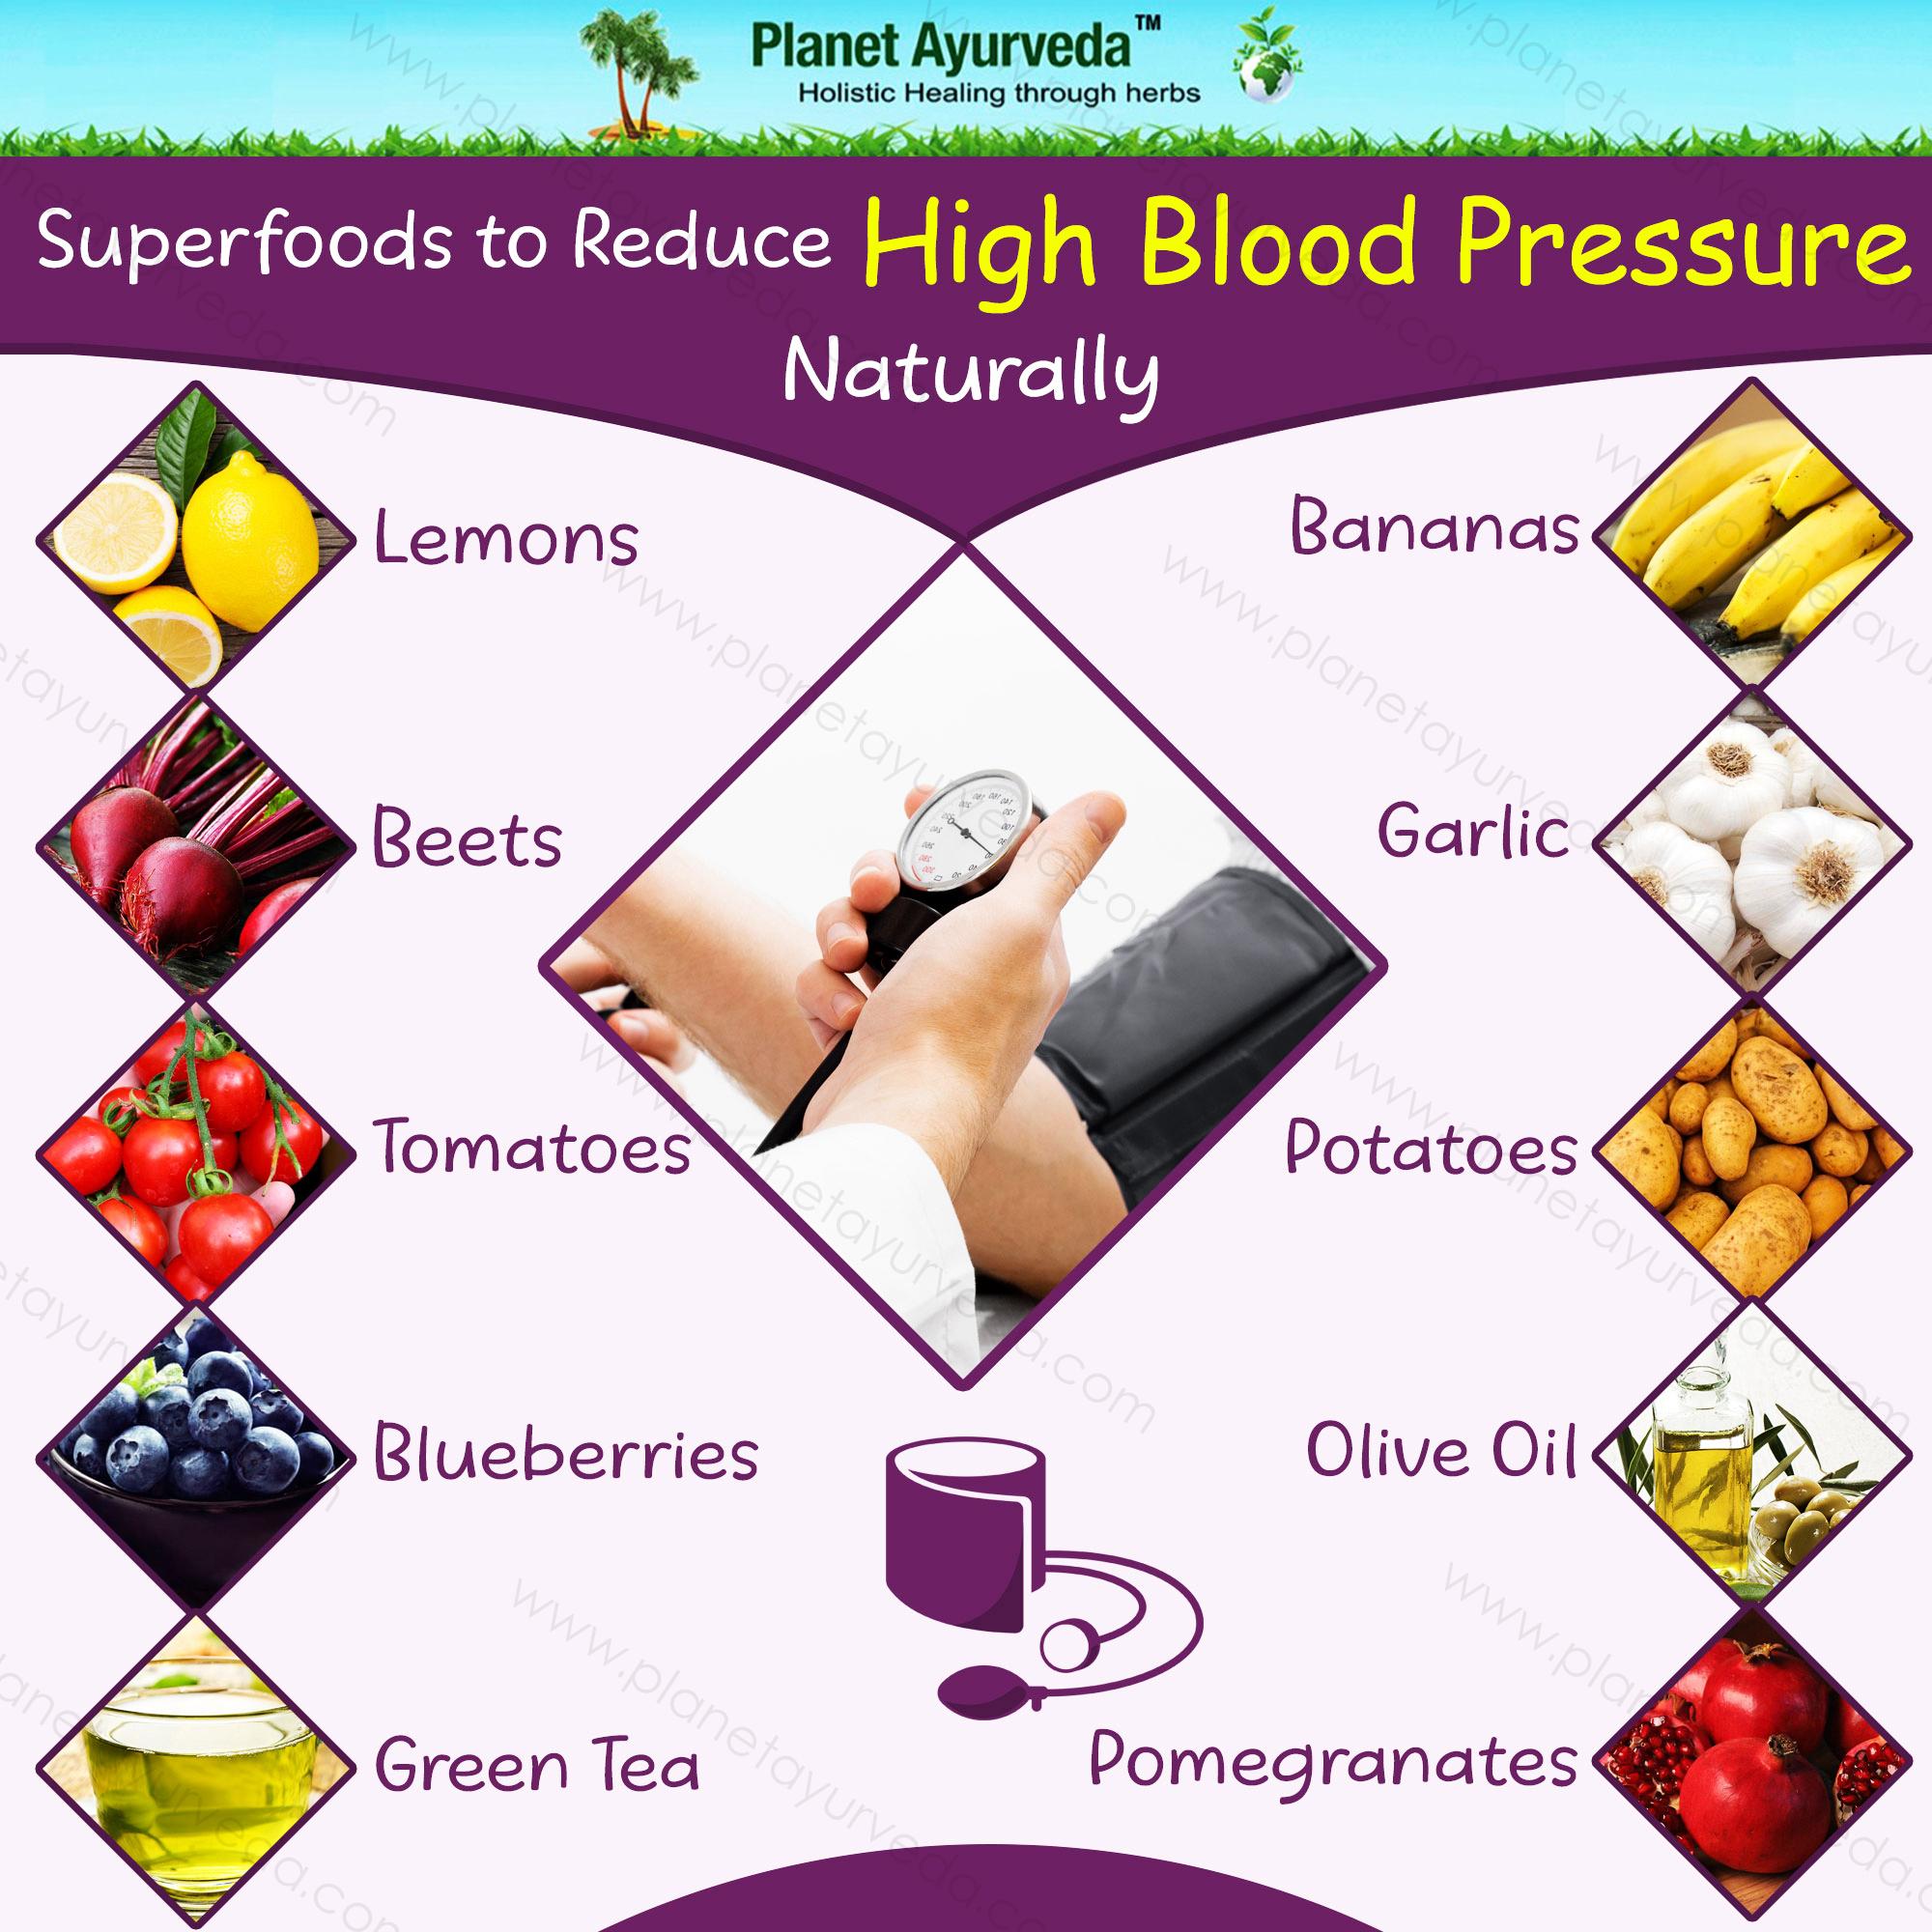 Reduce High BP